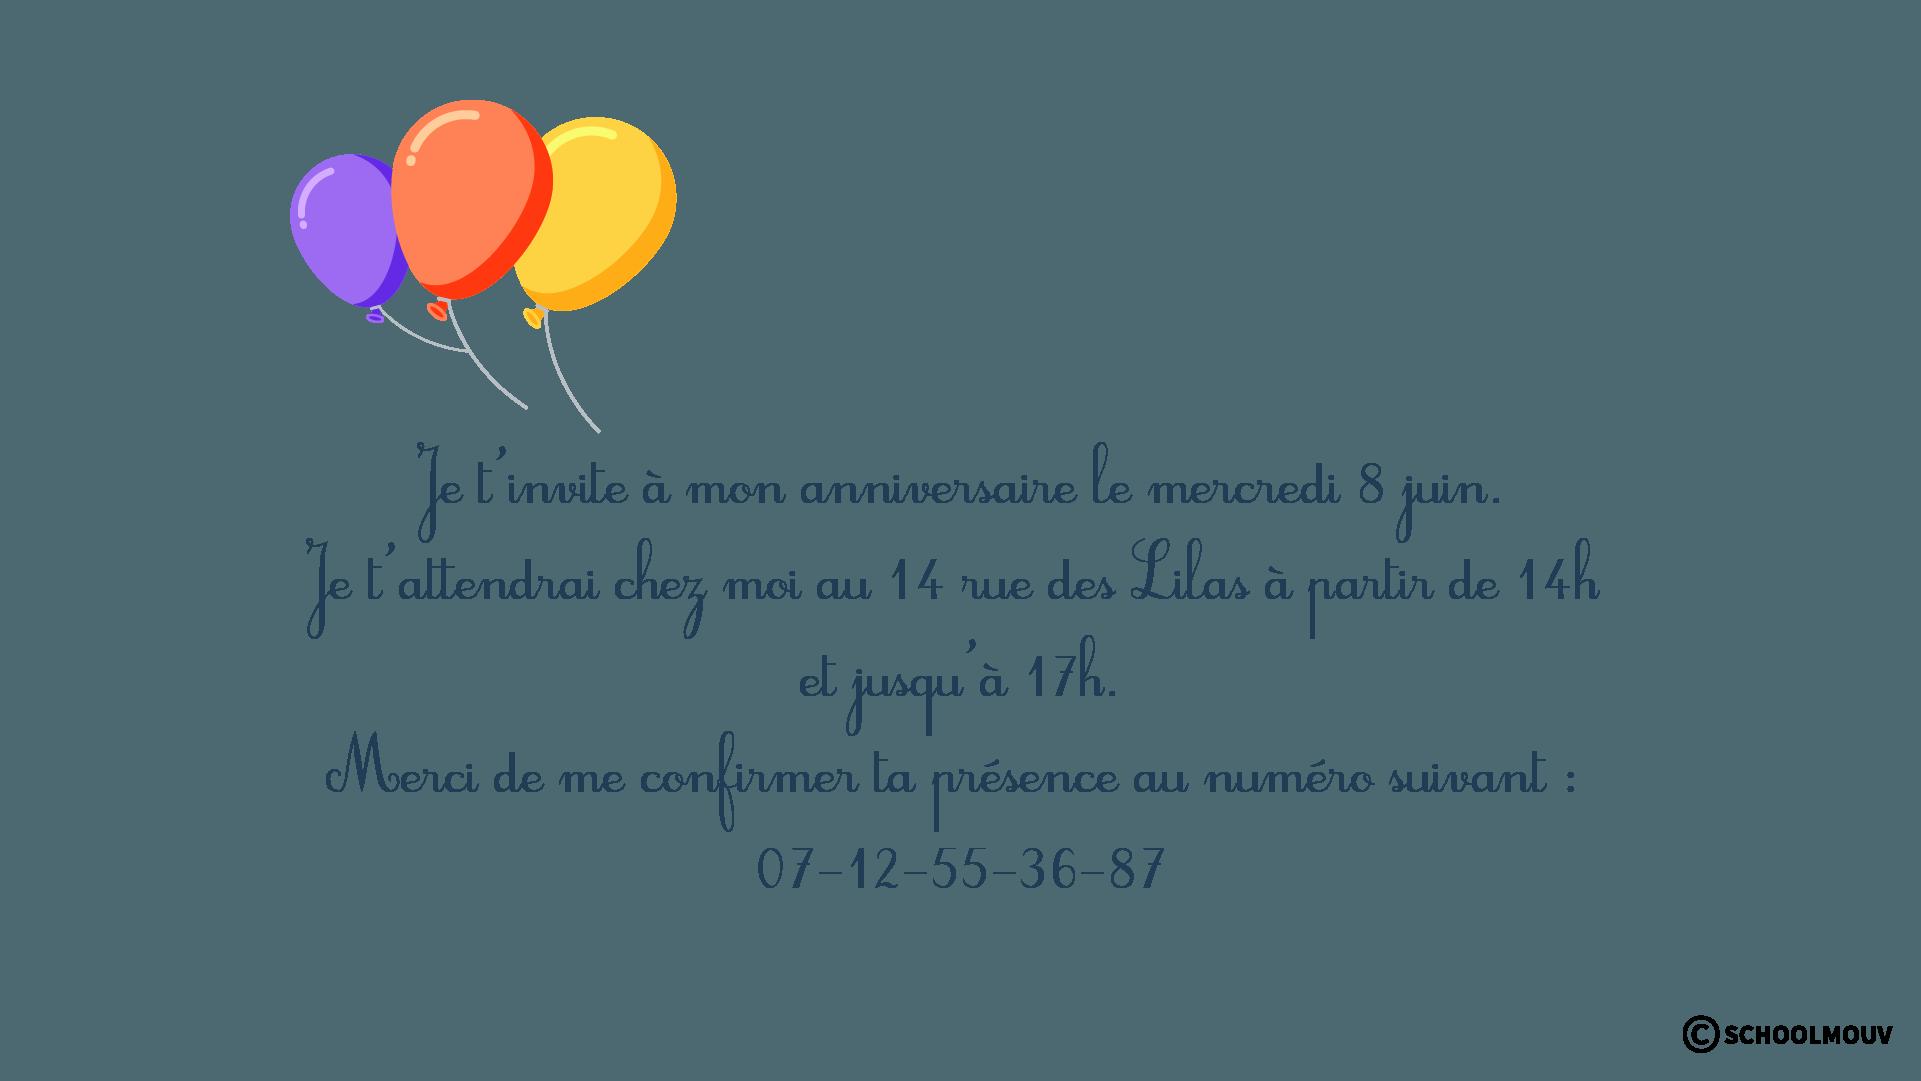 Carton d'invitation - Image - Insérer - Typographie - SchoolMouv - Sciences - CE2